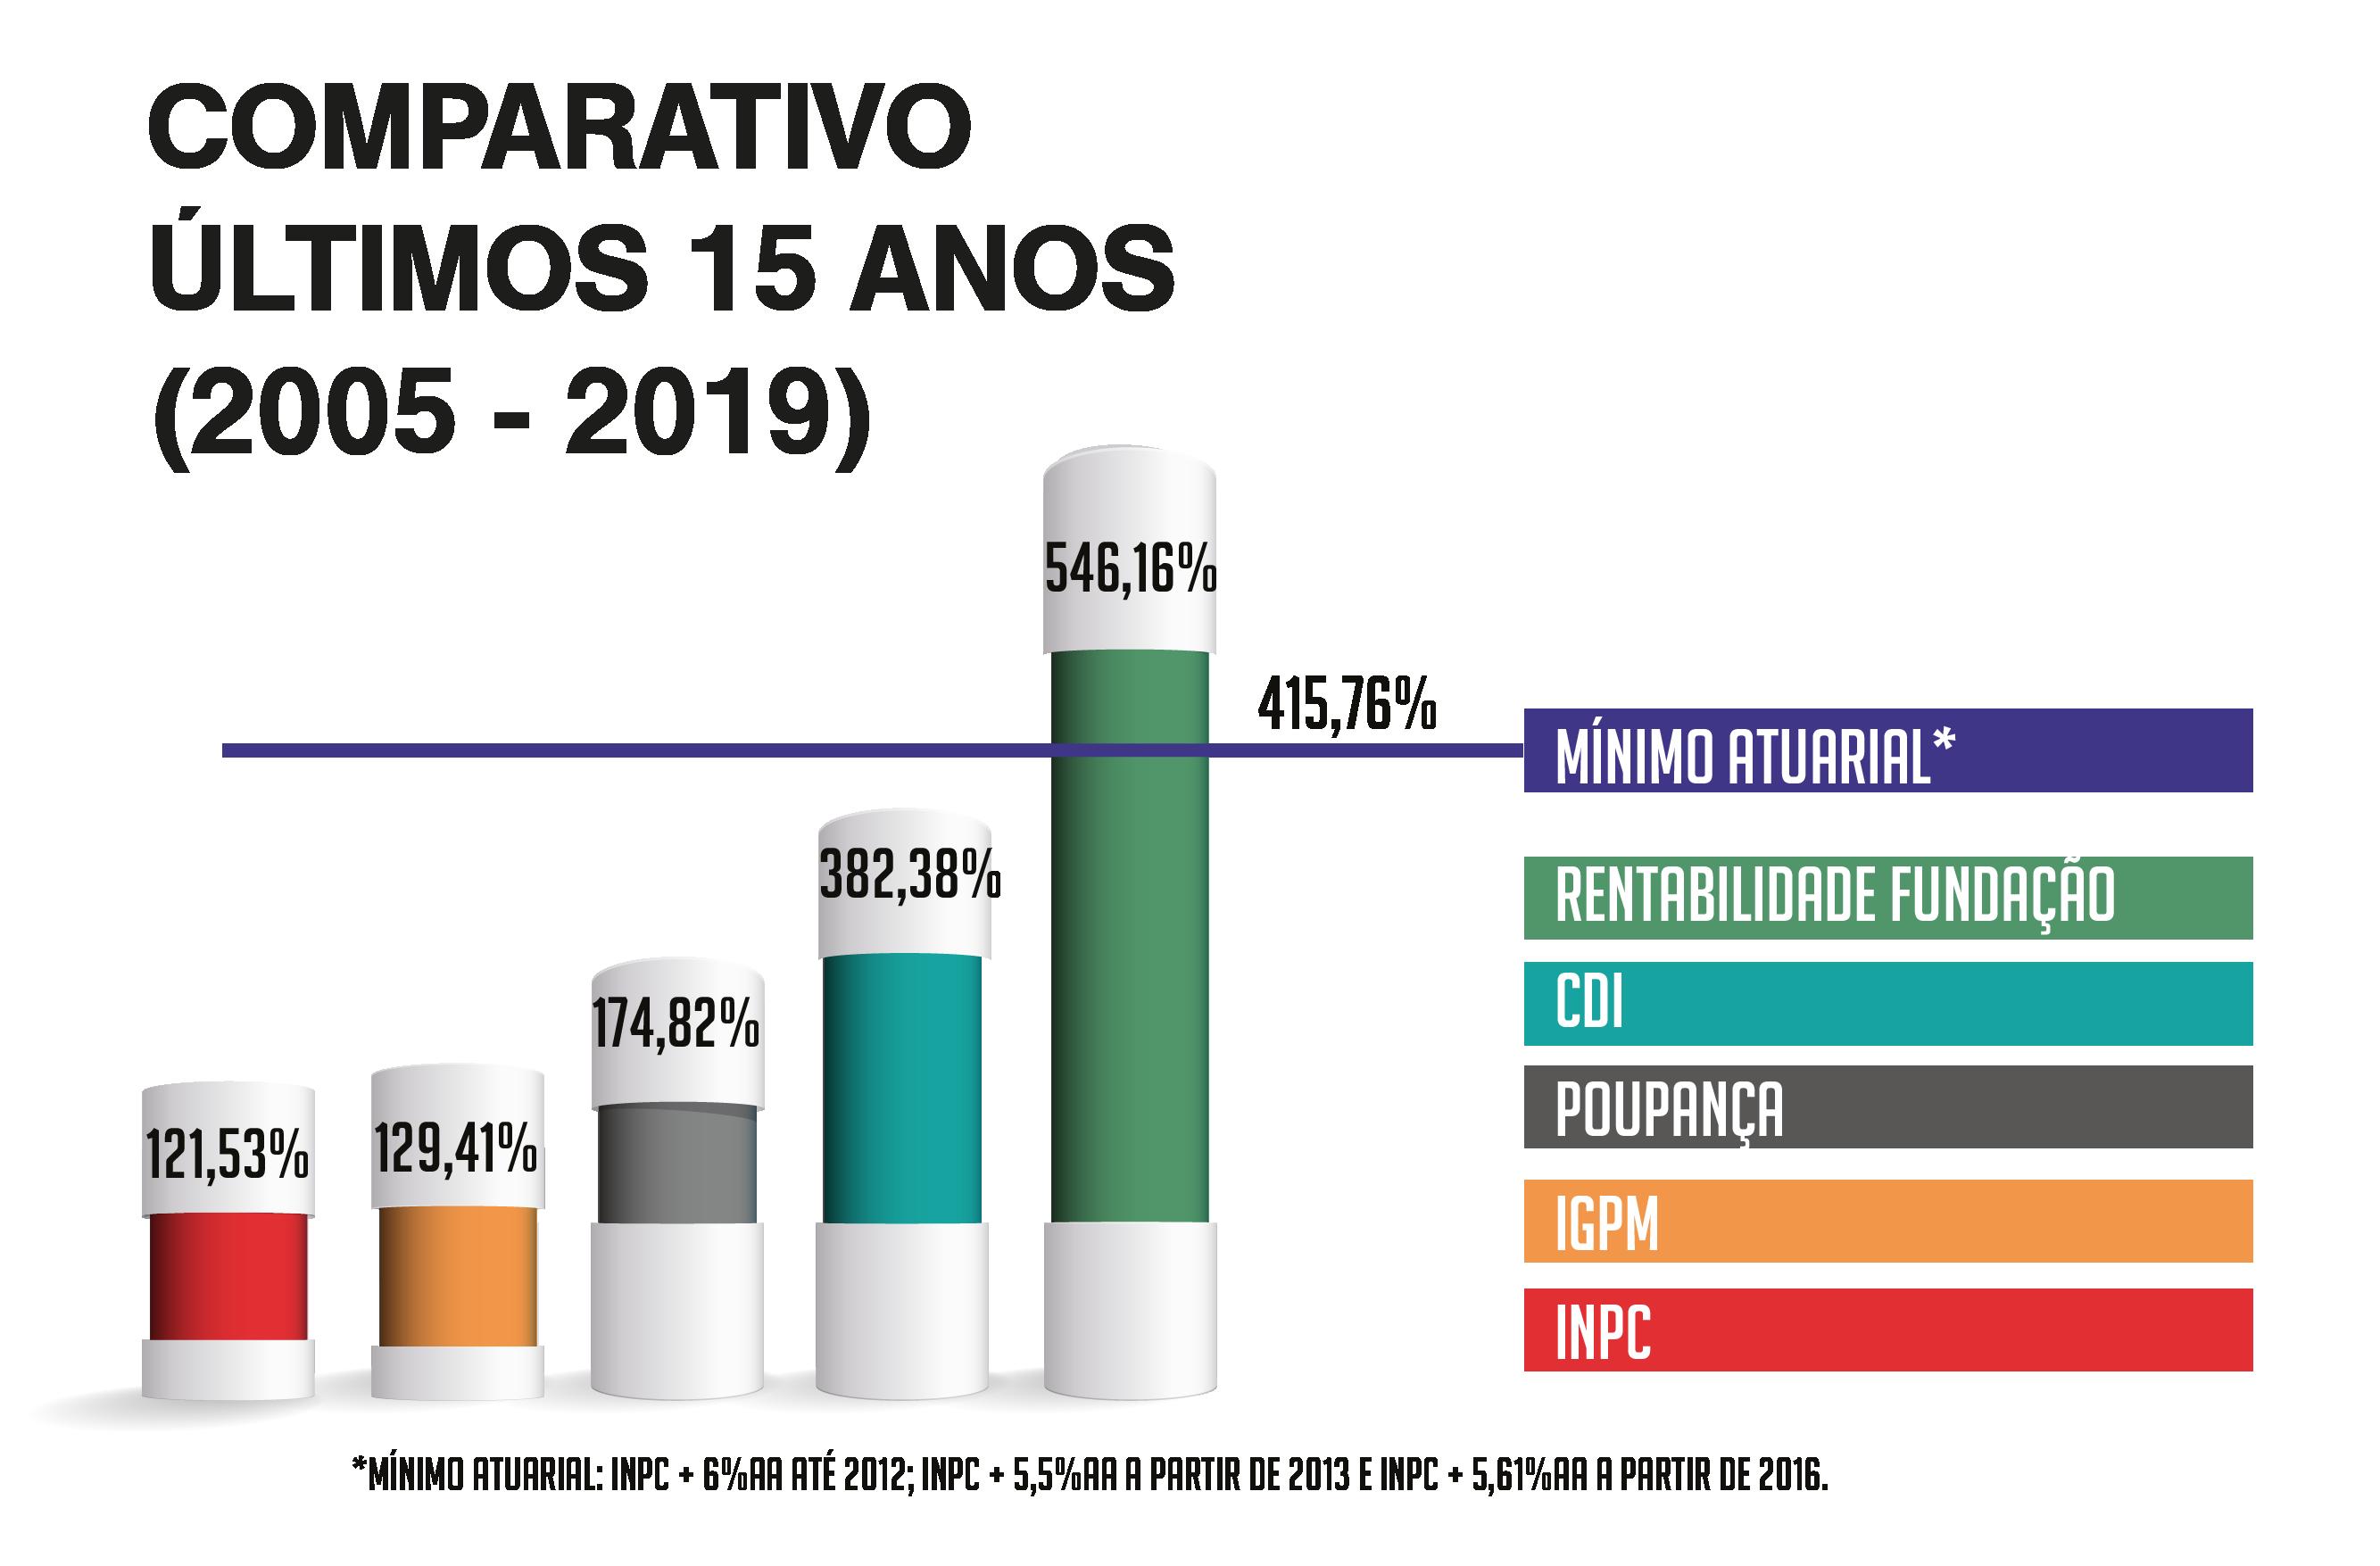 comparativo_15anos_2005_2019